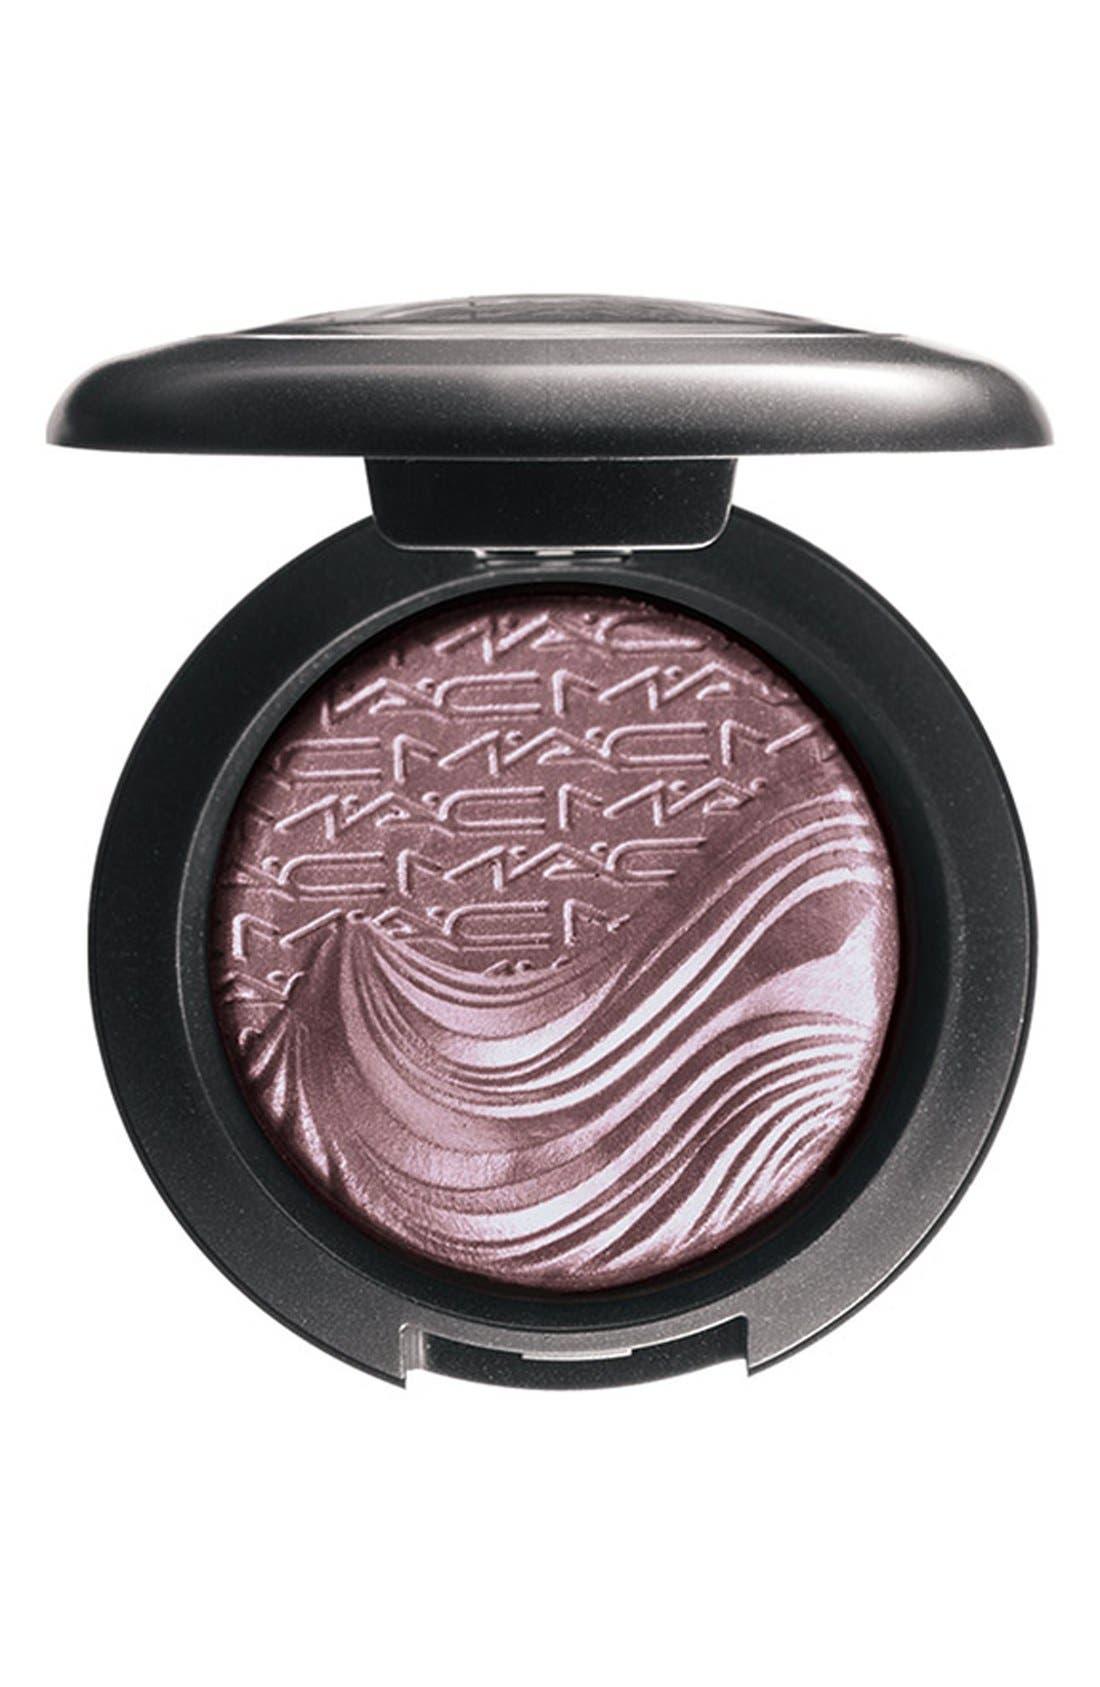 MAC Extra Dimension Eyeshadow